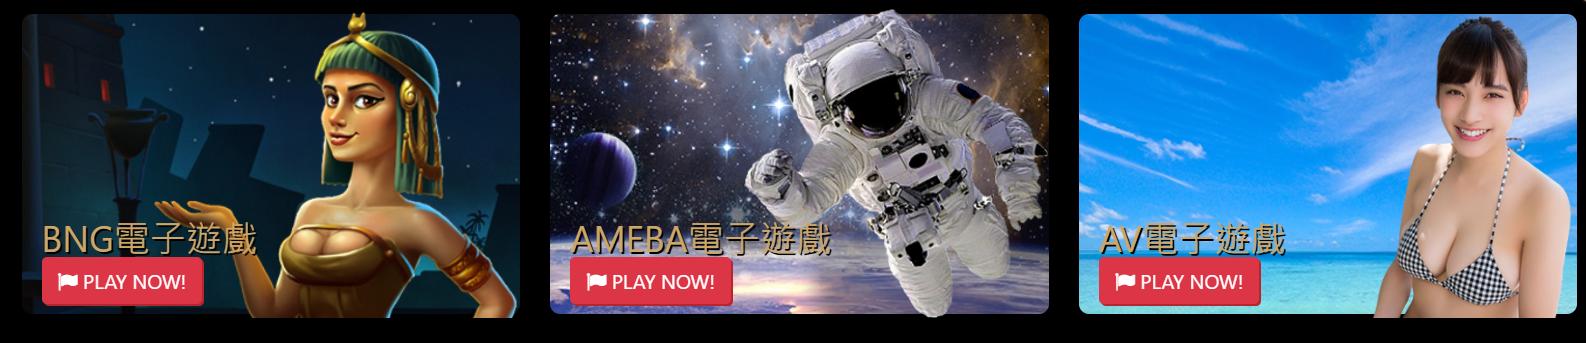 娛樂城,百家樂,體育博彩,虛擬體育,電子遊戲,彩票遊戲,棋牌遊戲,中華百家樂,中華體育博彩,中華虛擬體育,中華電子遊戲,中華彩票遊戲,中華棋牌遊戲,中華娛樂城